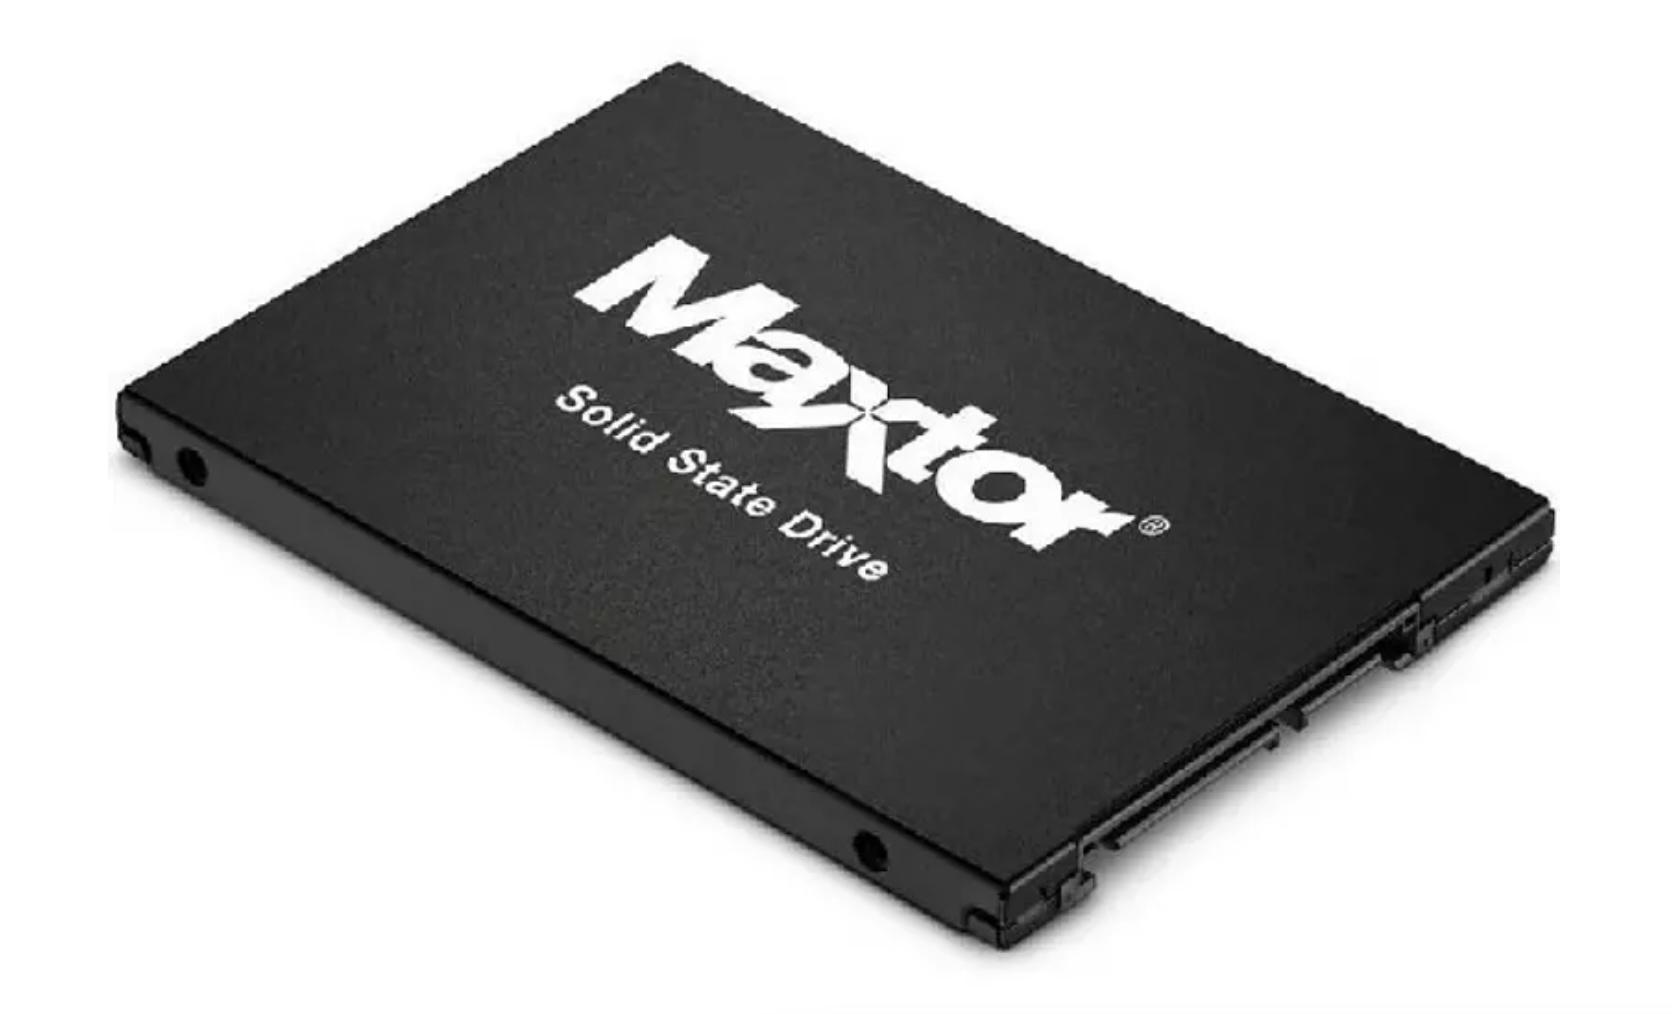 Maxtor Z1 SSD 960GB